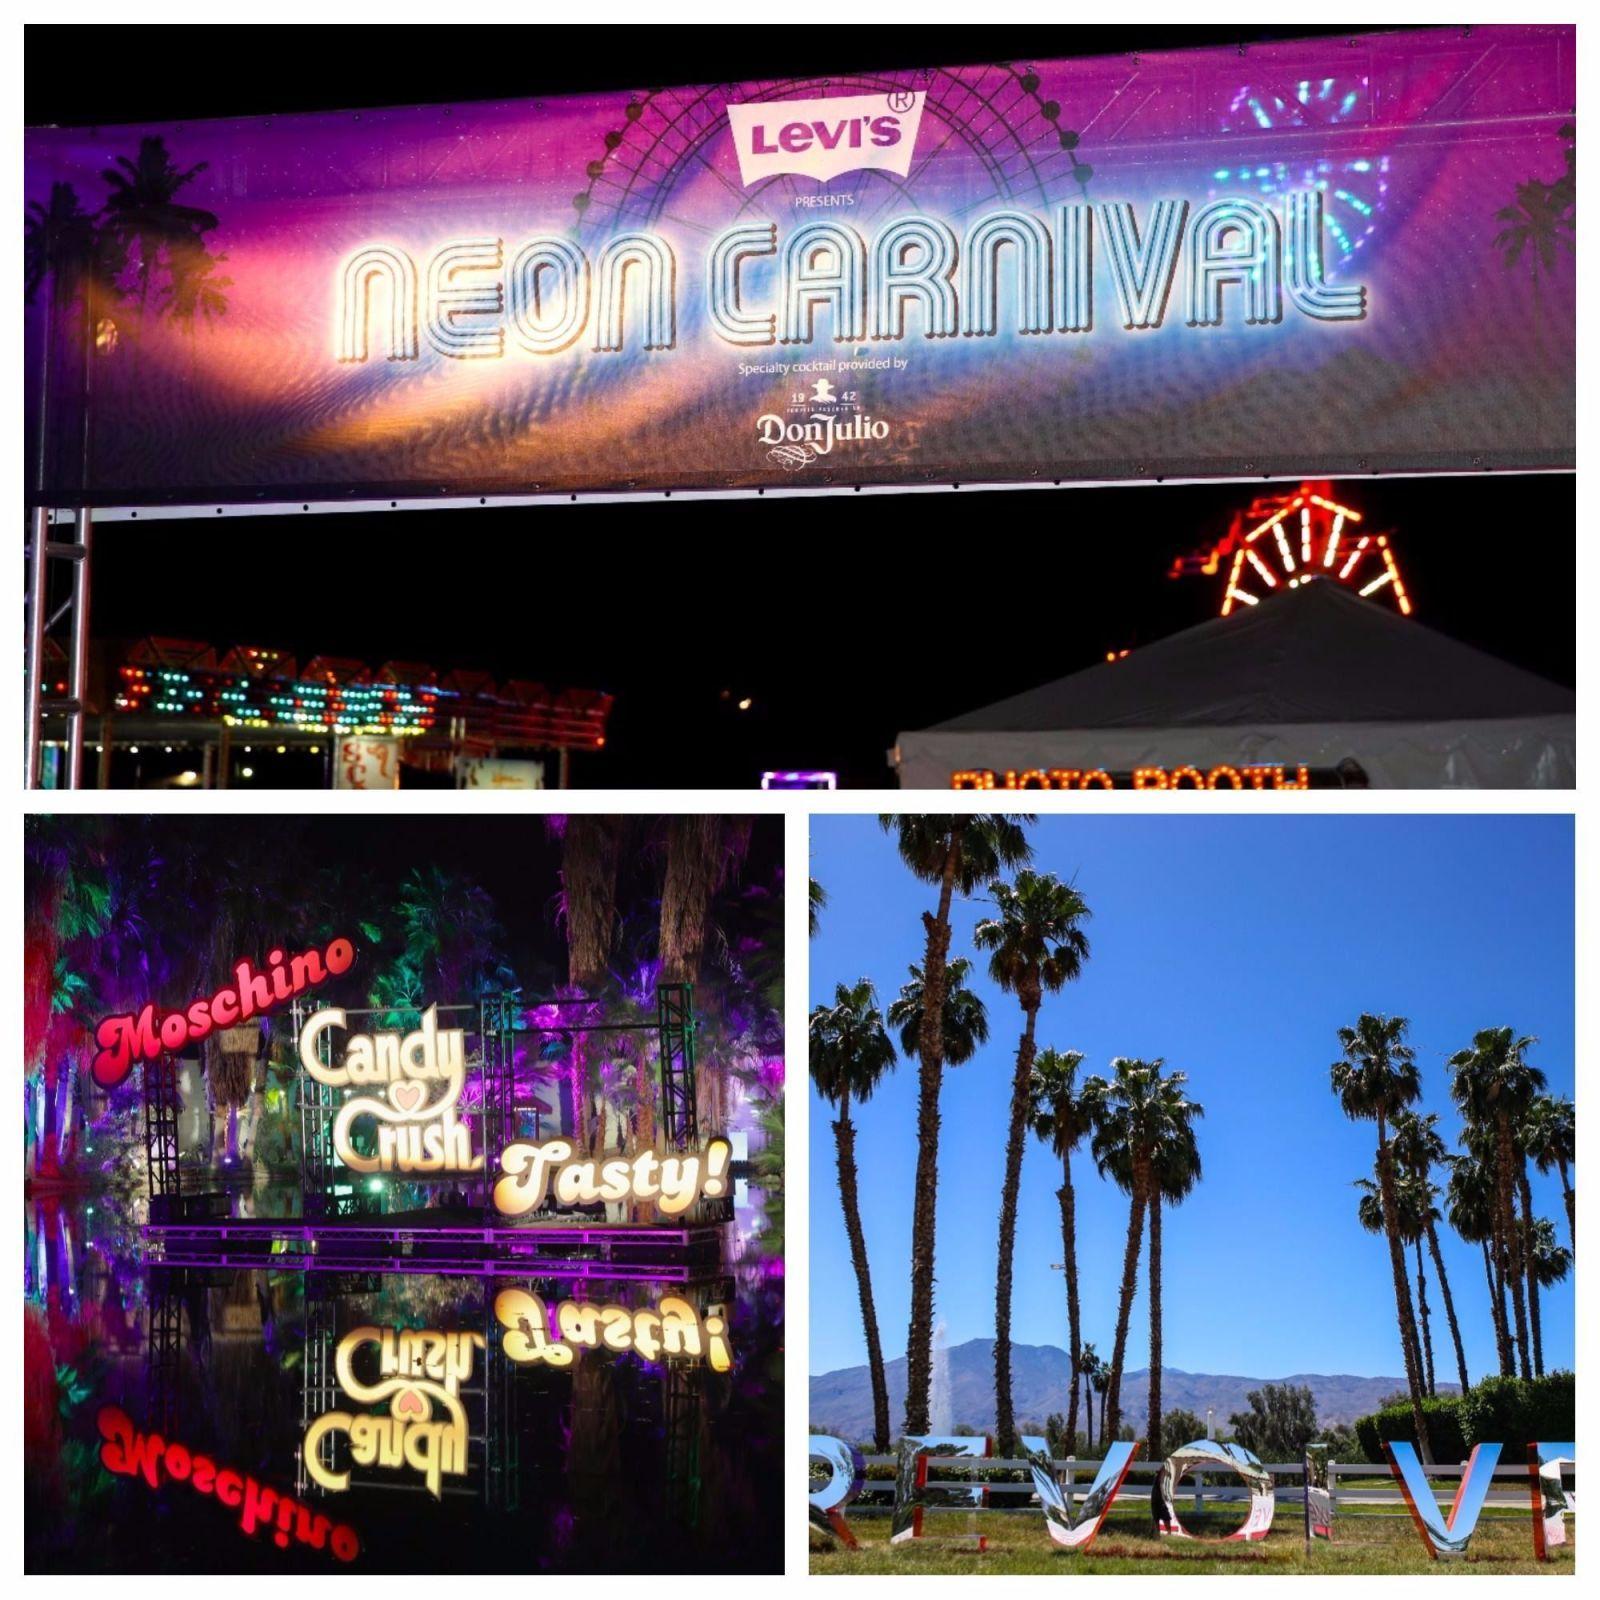 Coachella sesso storie